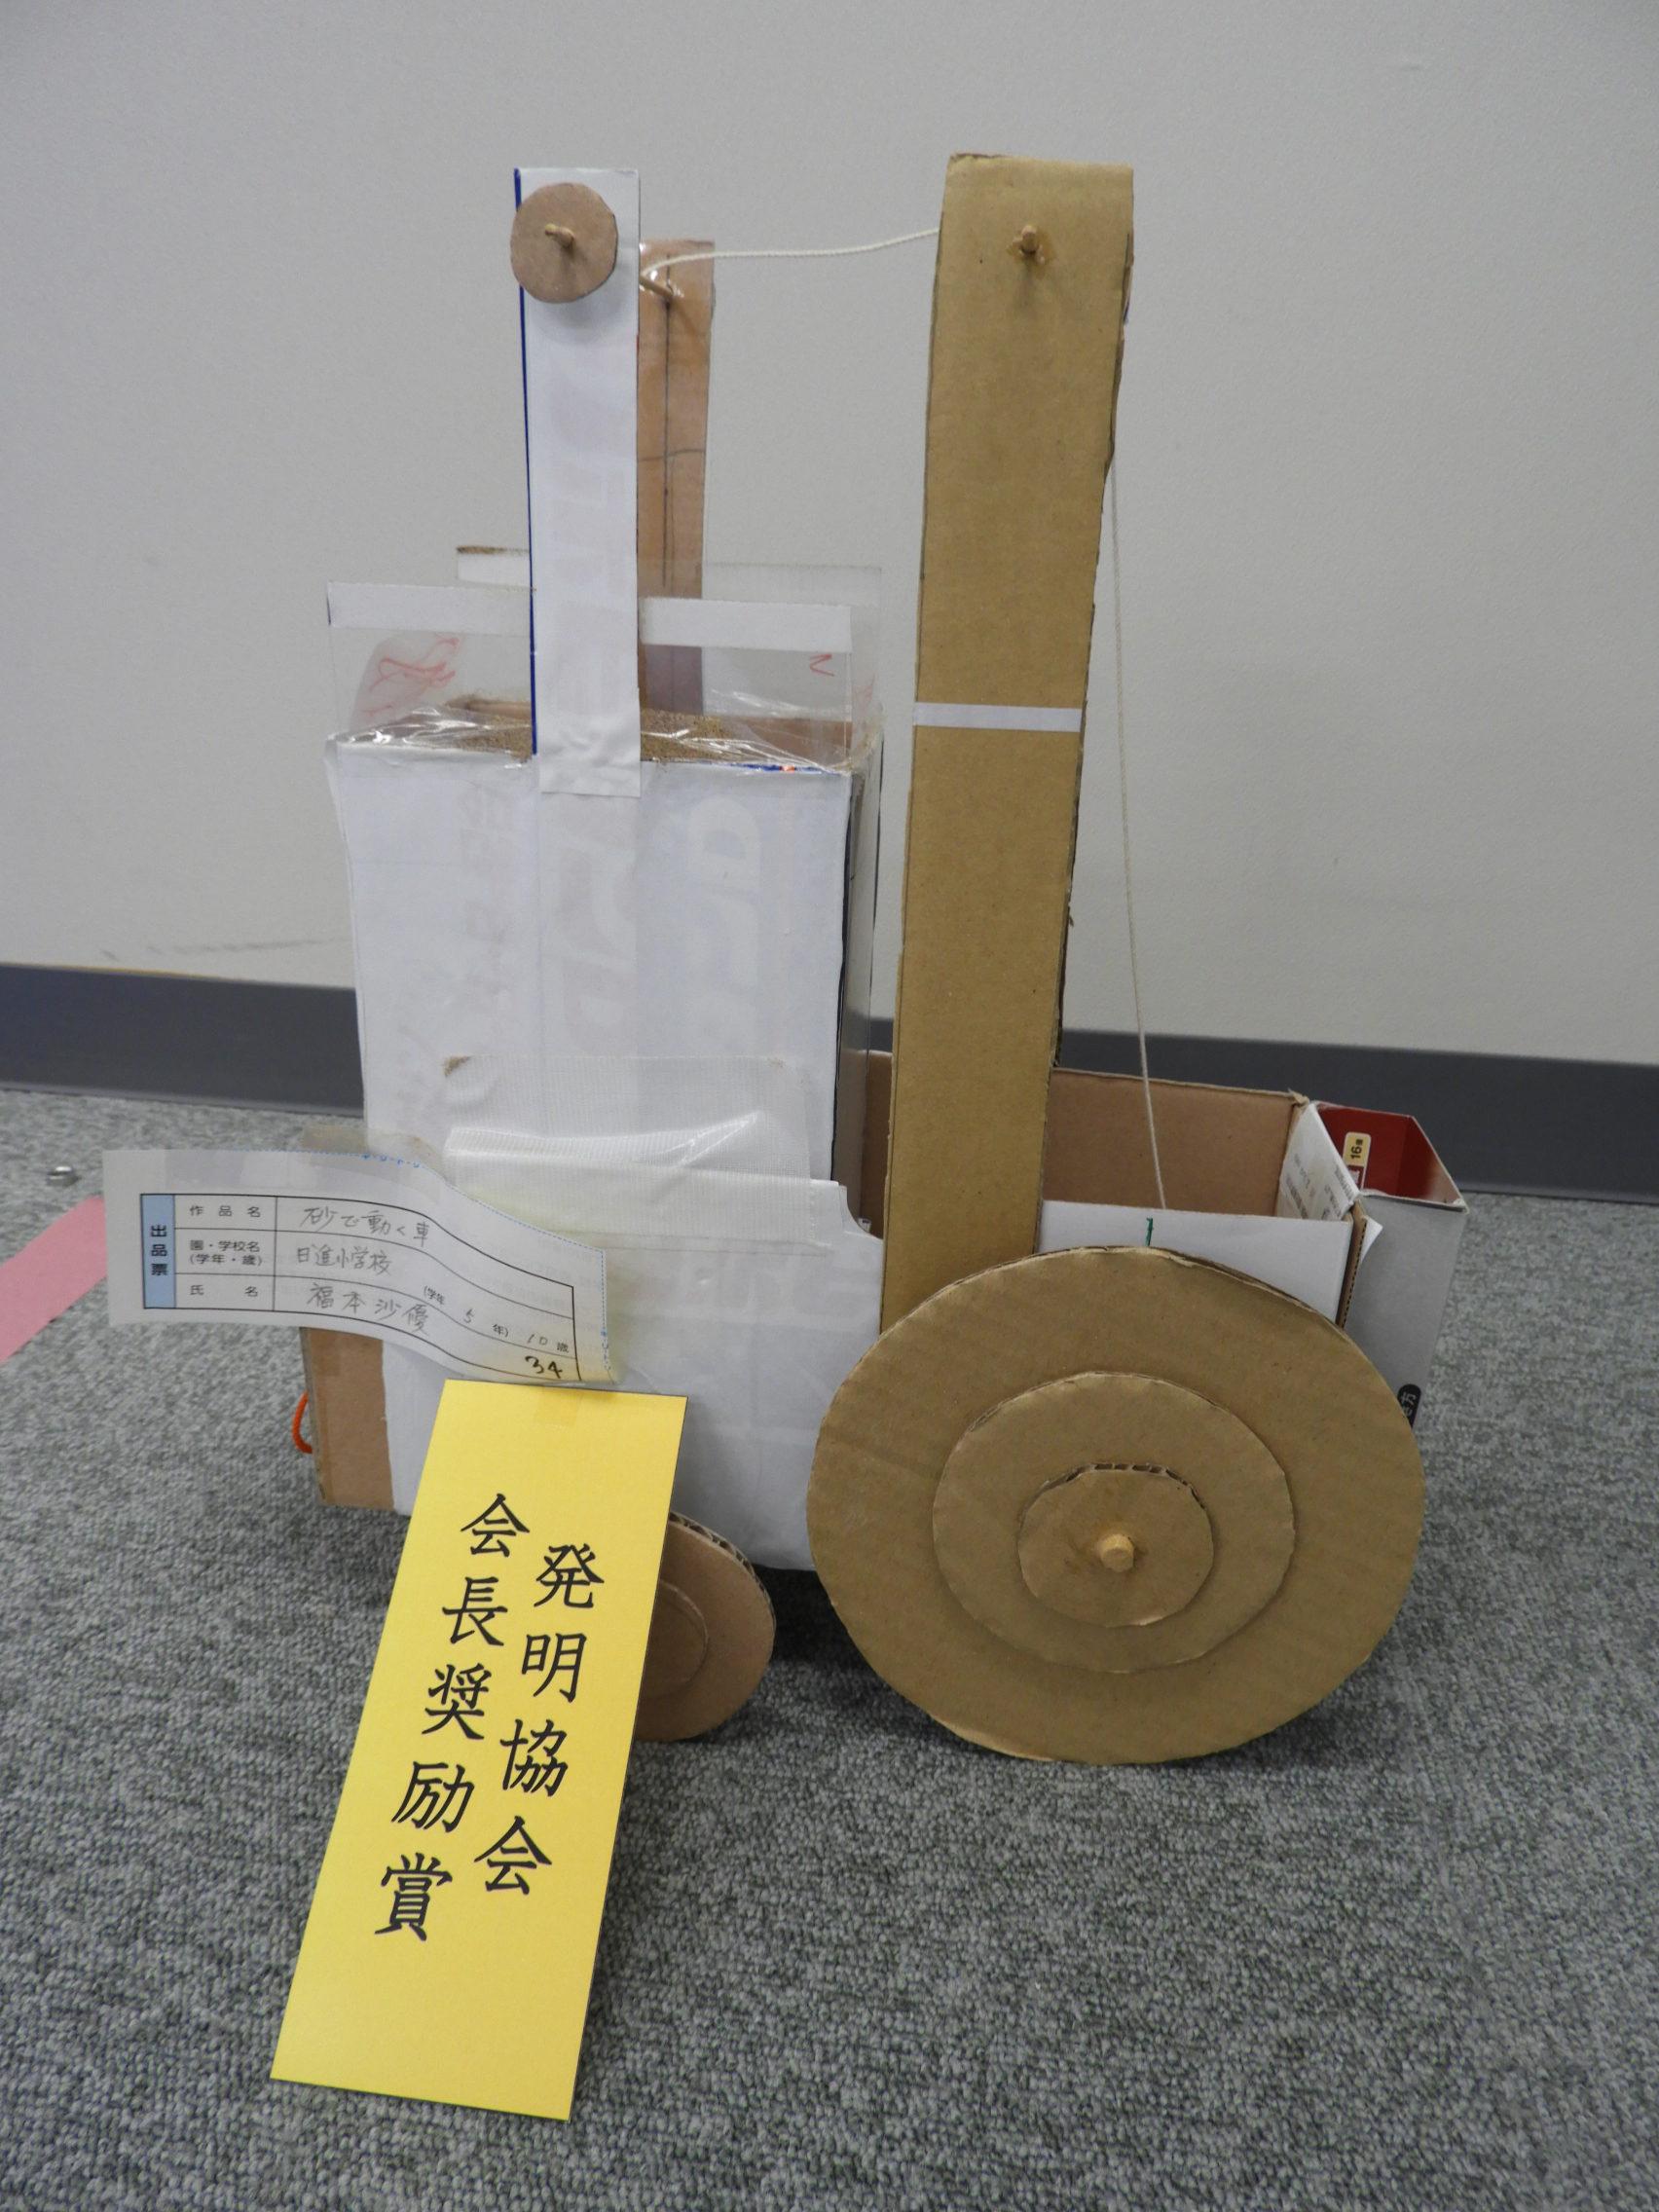 発明協会会長奨励賞 (すなで動く車 福本 沙優)